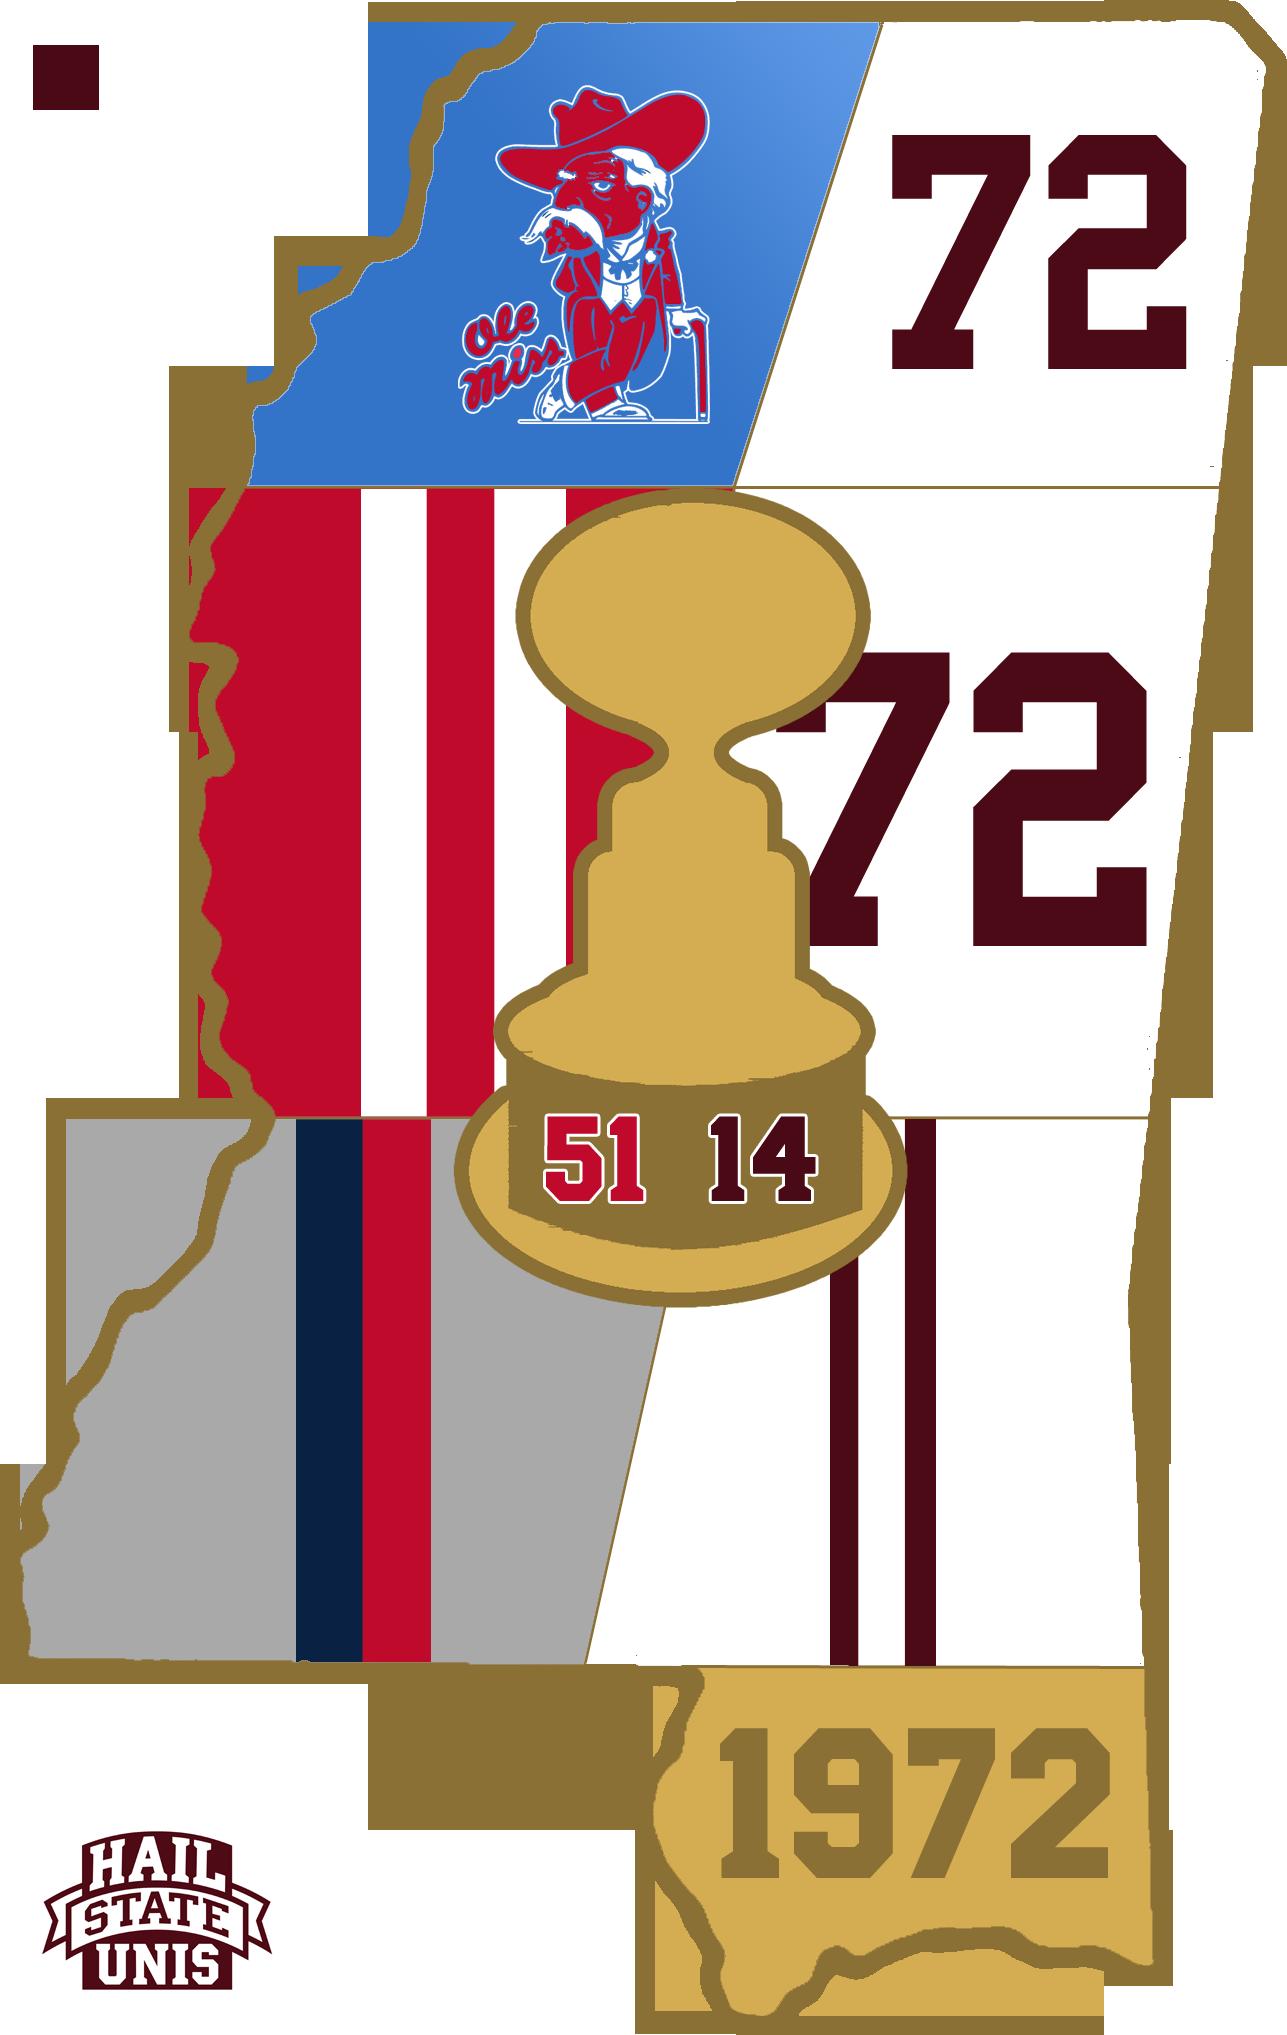 1950s style football clipart jpg Egg Bowl Uniform History - Hail State Unis jpg